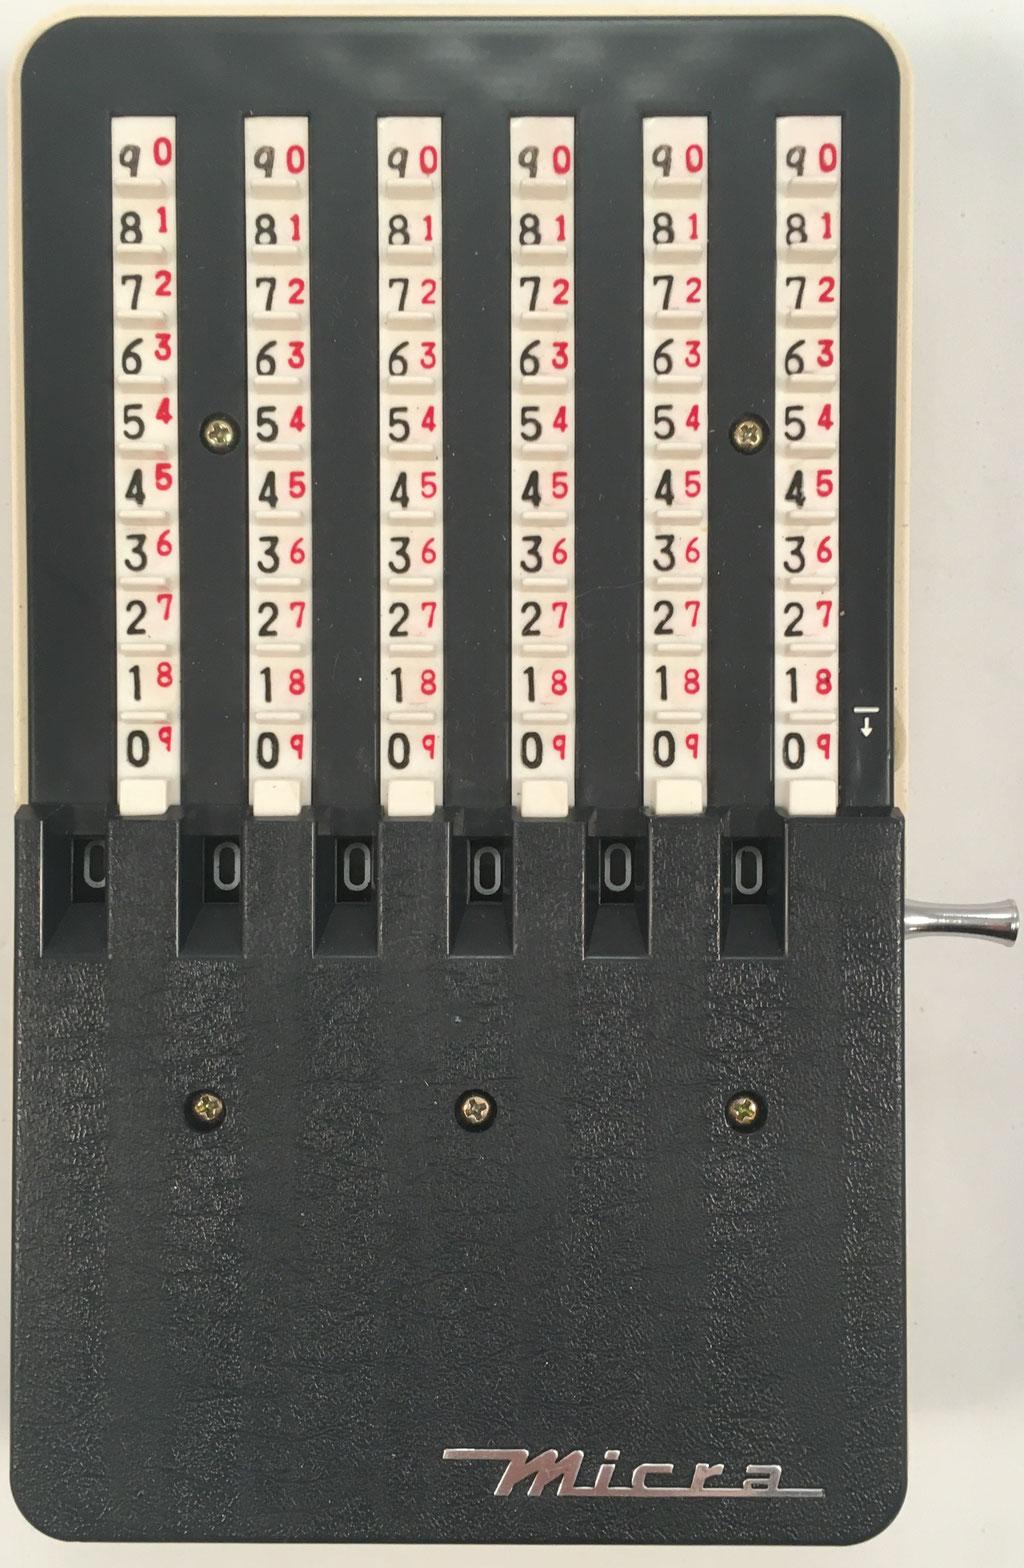 Sumadora MIKKURA ADDER (MICRA), fabricada en Japón por Mikkura Seik - Micra Precision Machine, nº patentes 078895 y 078896, hacia 1960, 19x10 cm